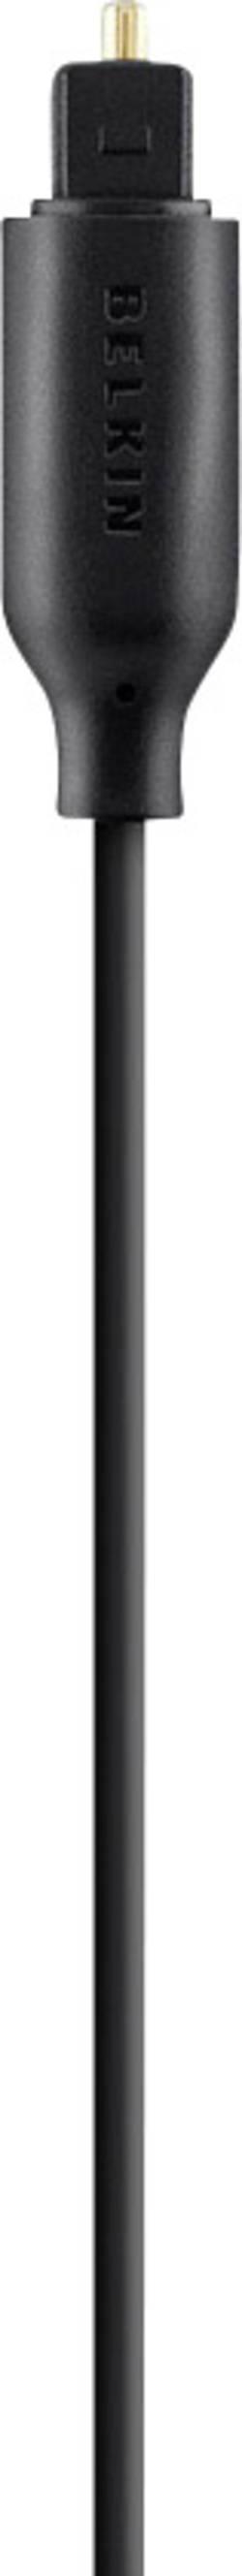 Belkin Toslink audio numérique Câble de raccordement [1x Toslink mâle (ODT) - 1x Toslink mâle (ODT)] 1 m noir